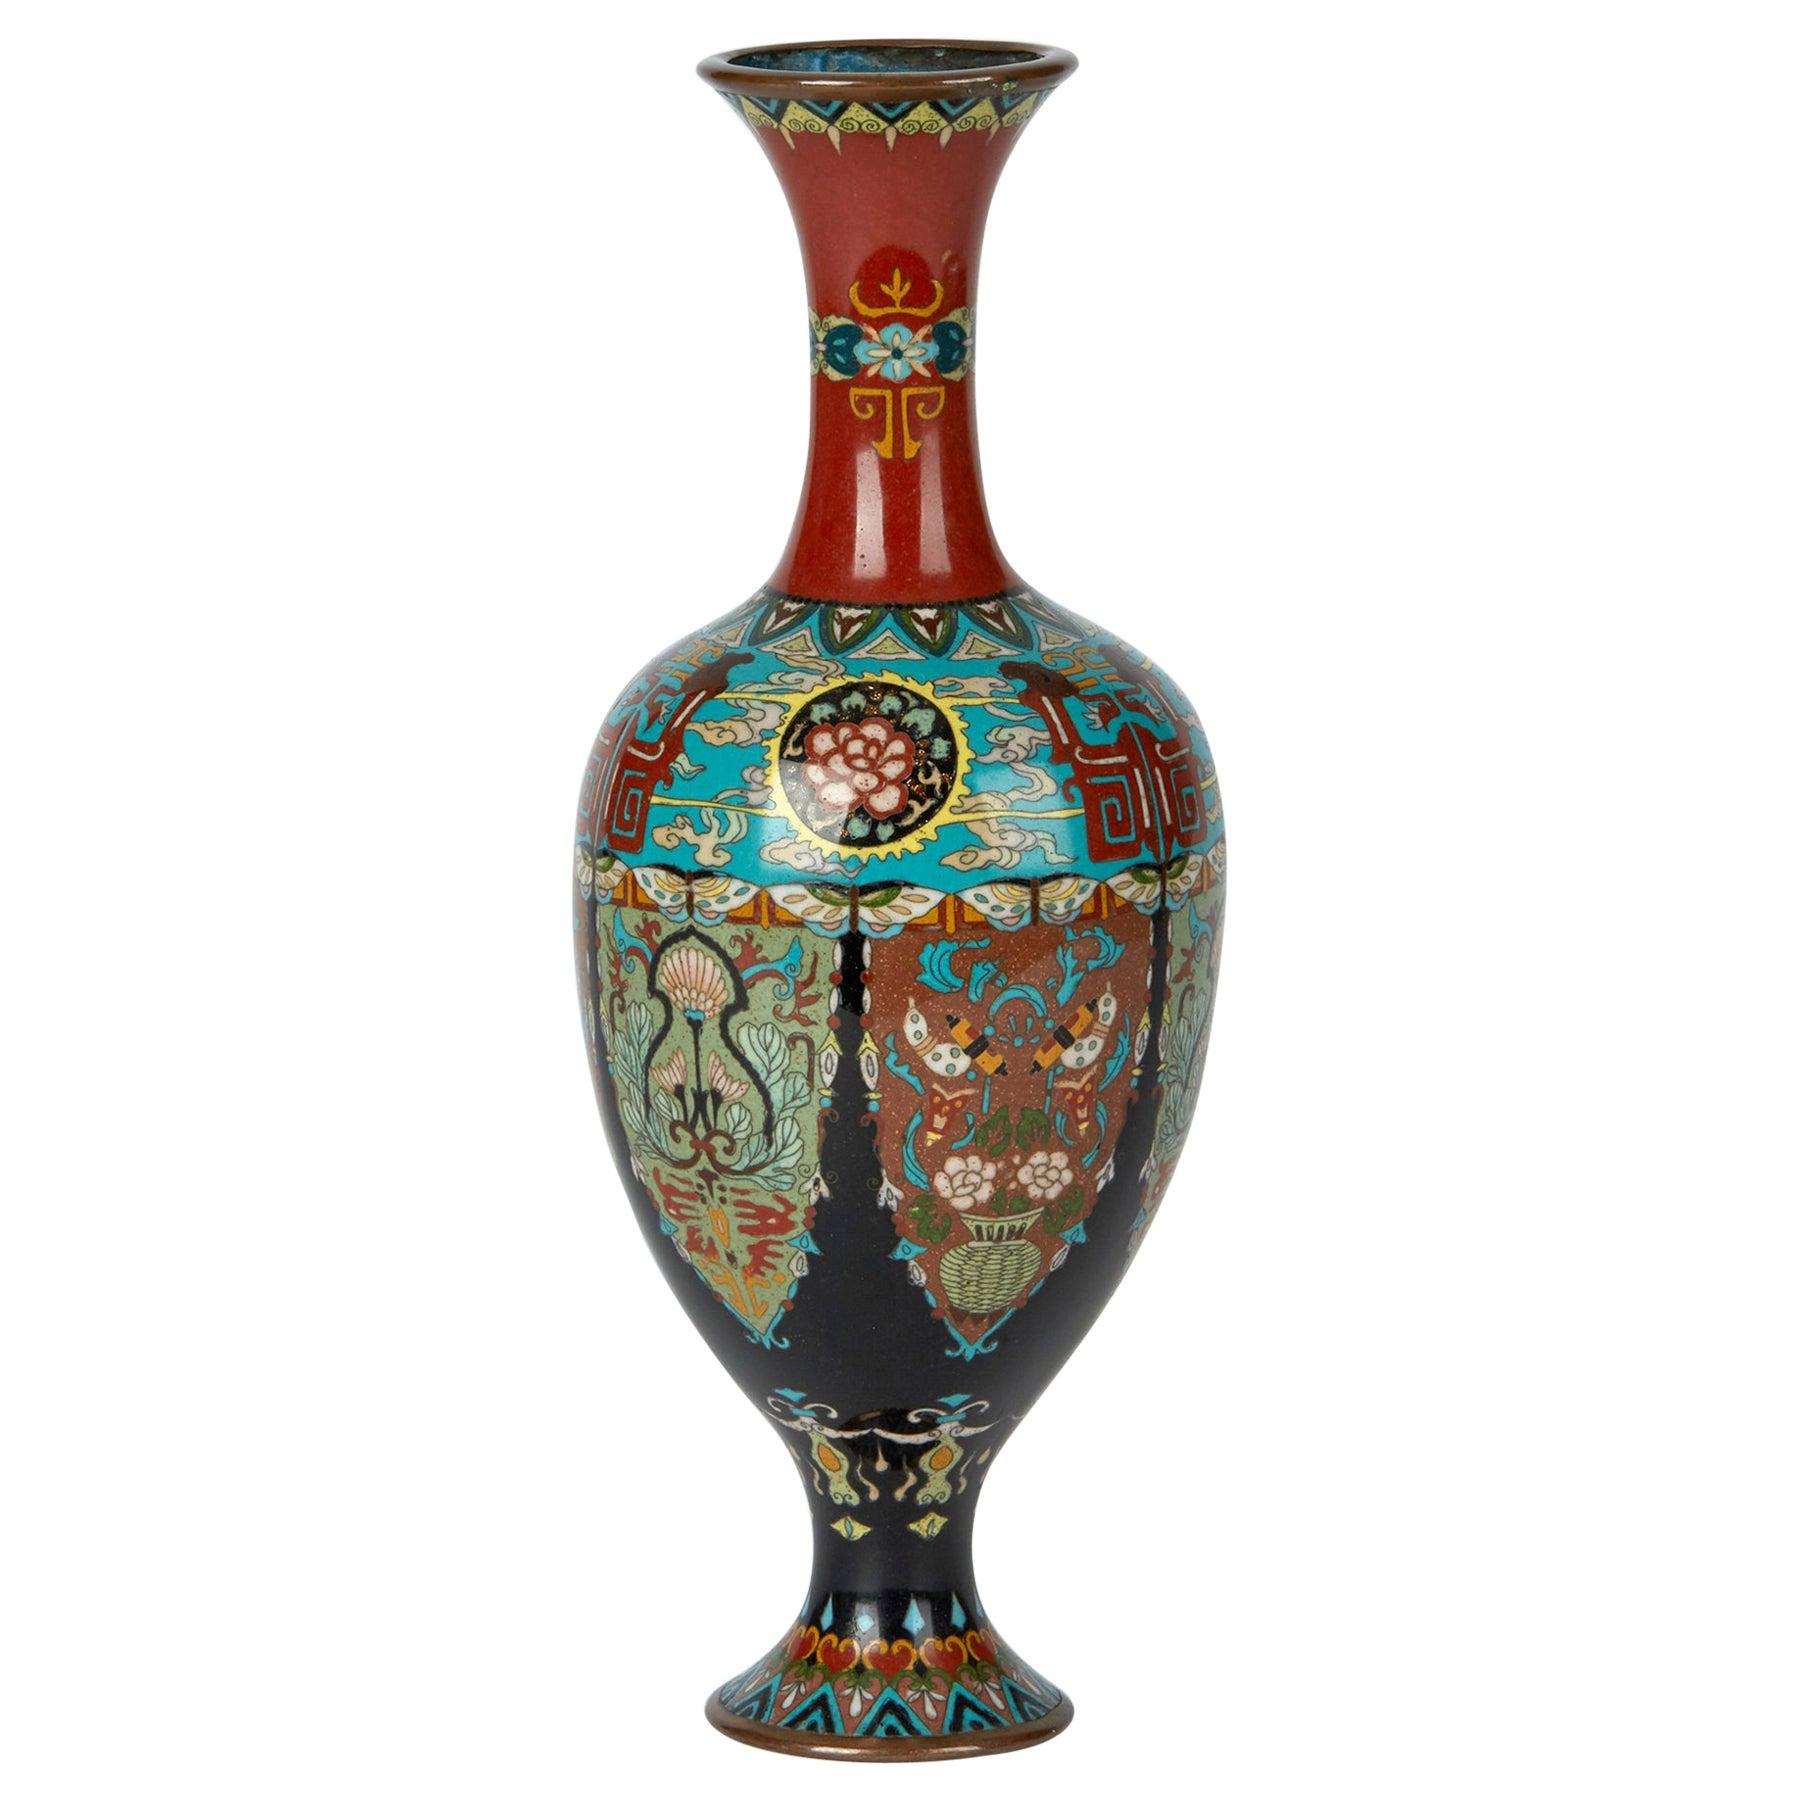 Elaborately Decorated Japanese Meiji Cloisonne Vase, 19th Century